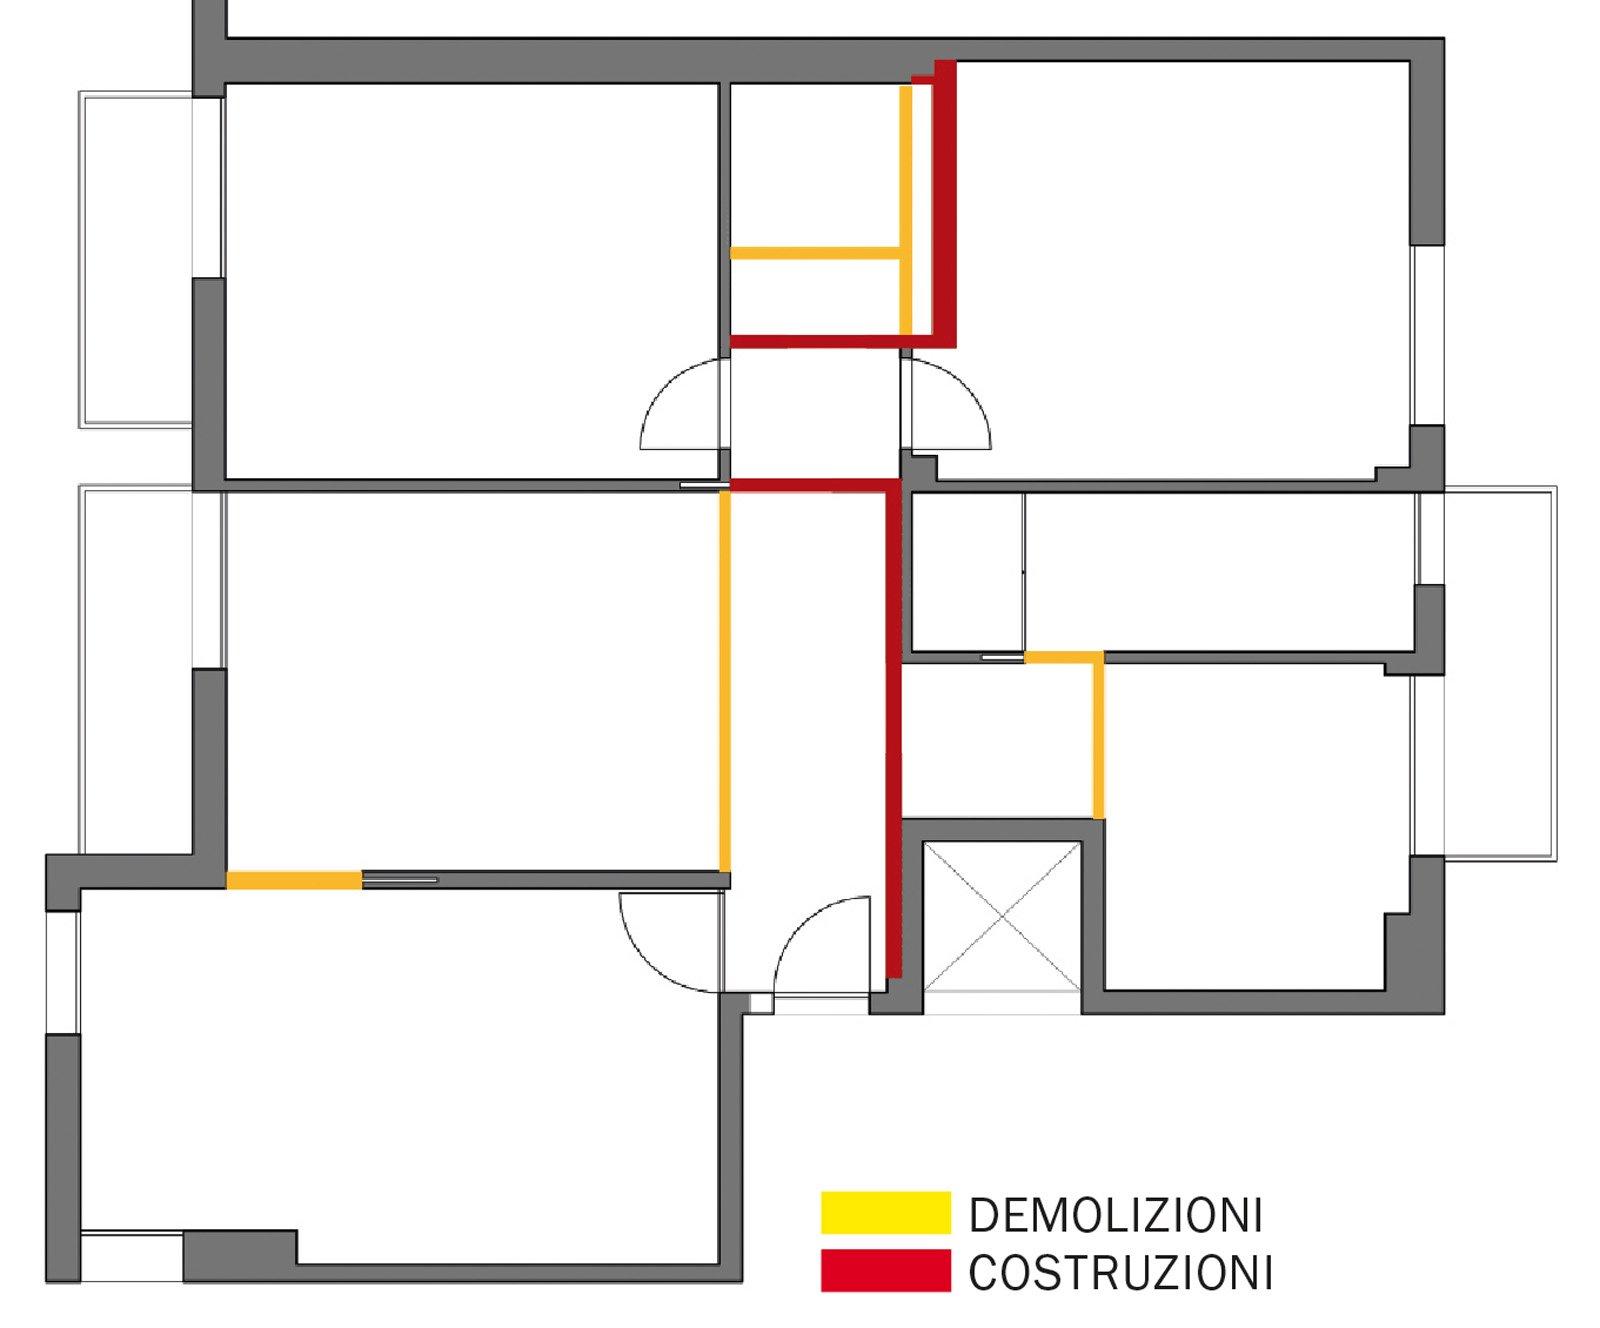 Bagno Cieco Areazione Forzata fig 3 schema di sistema di estrazione. costo